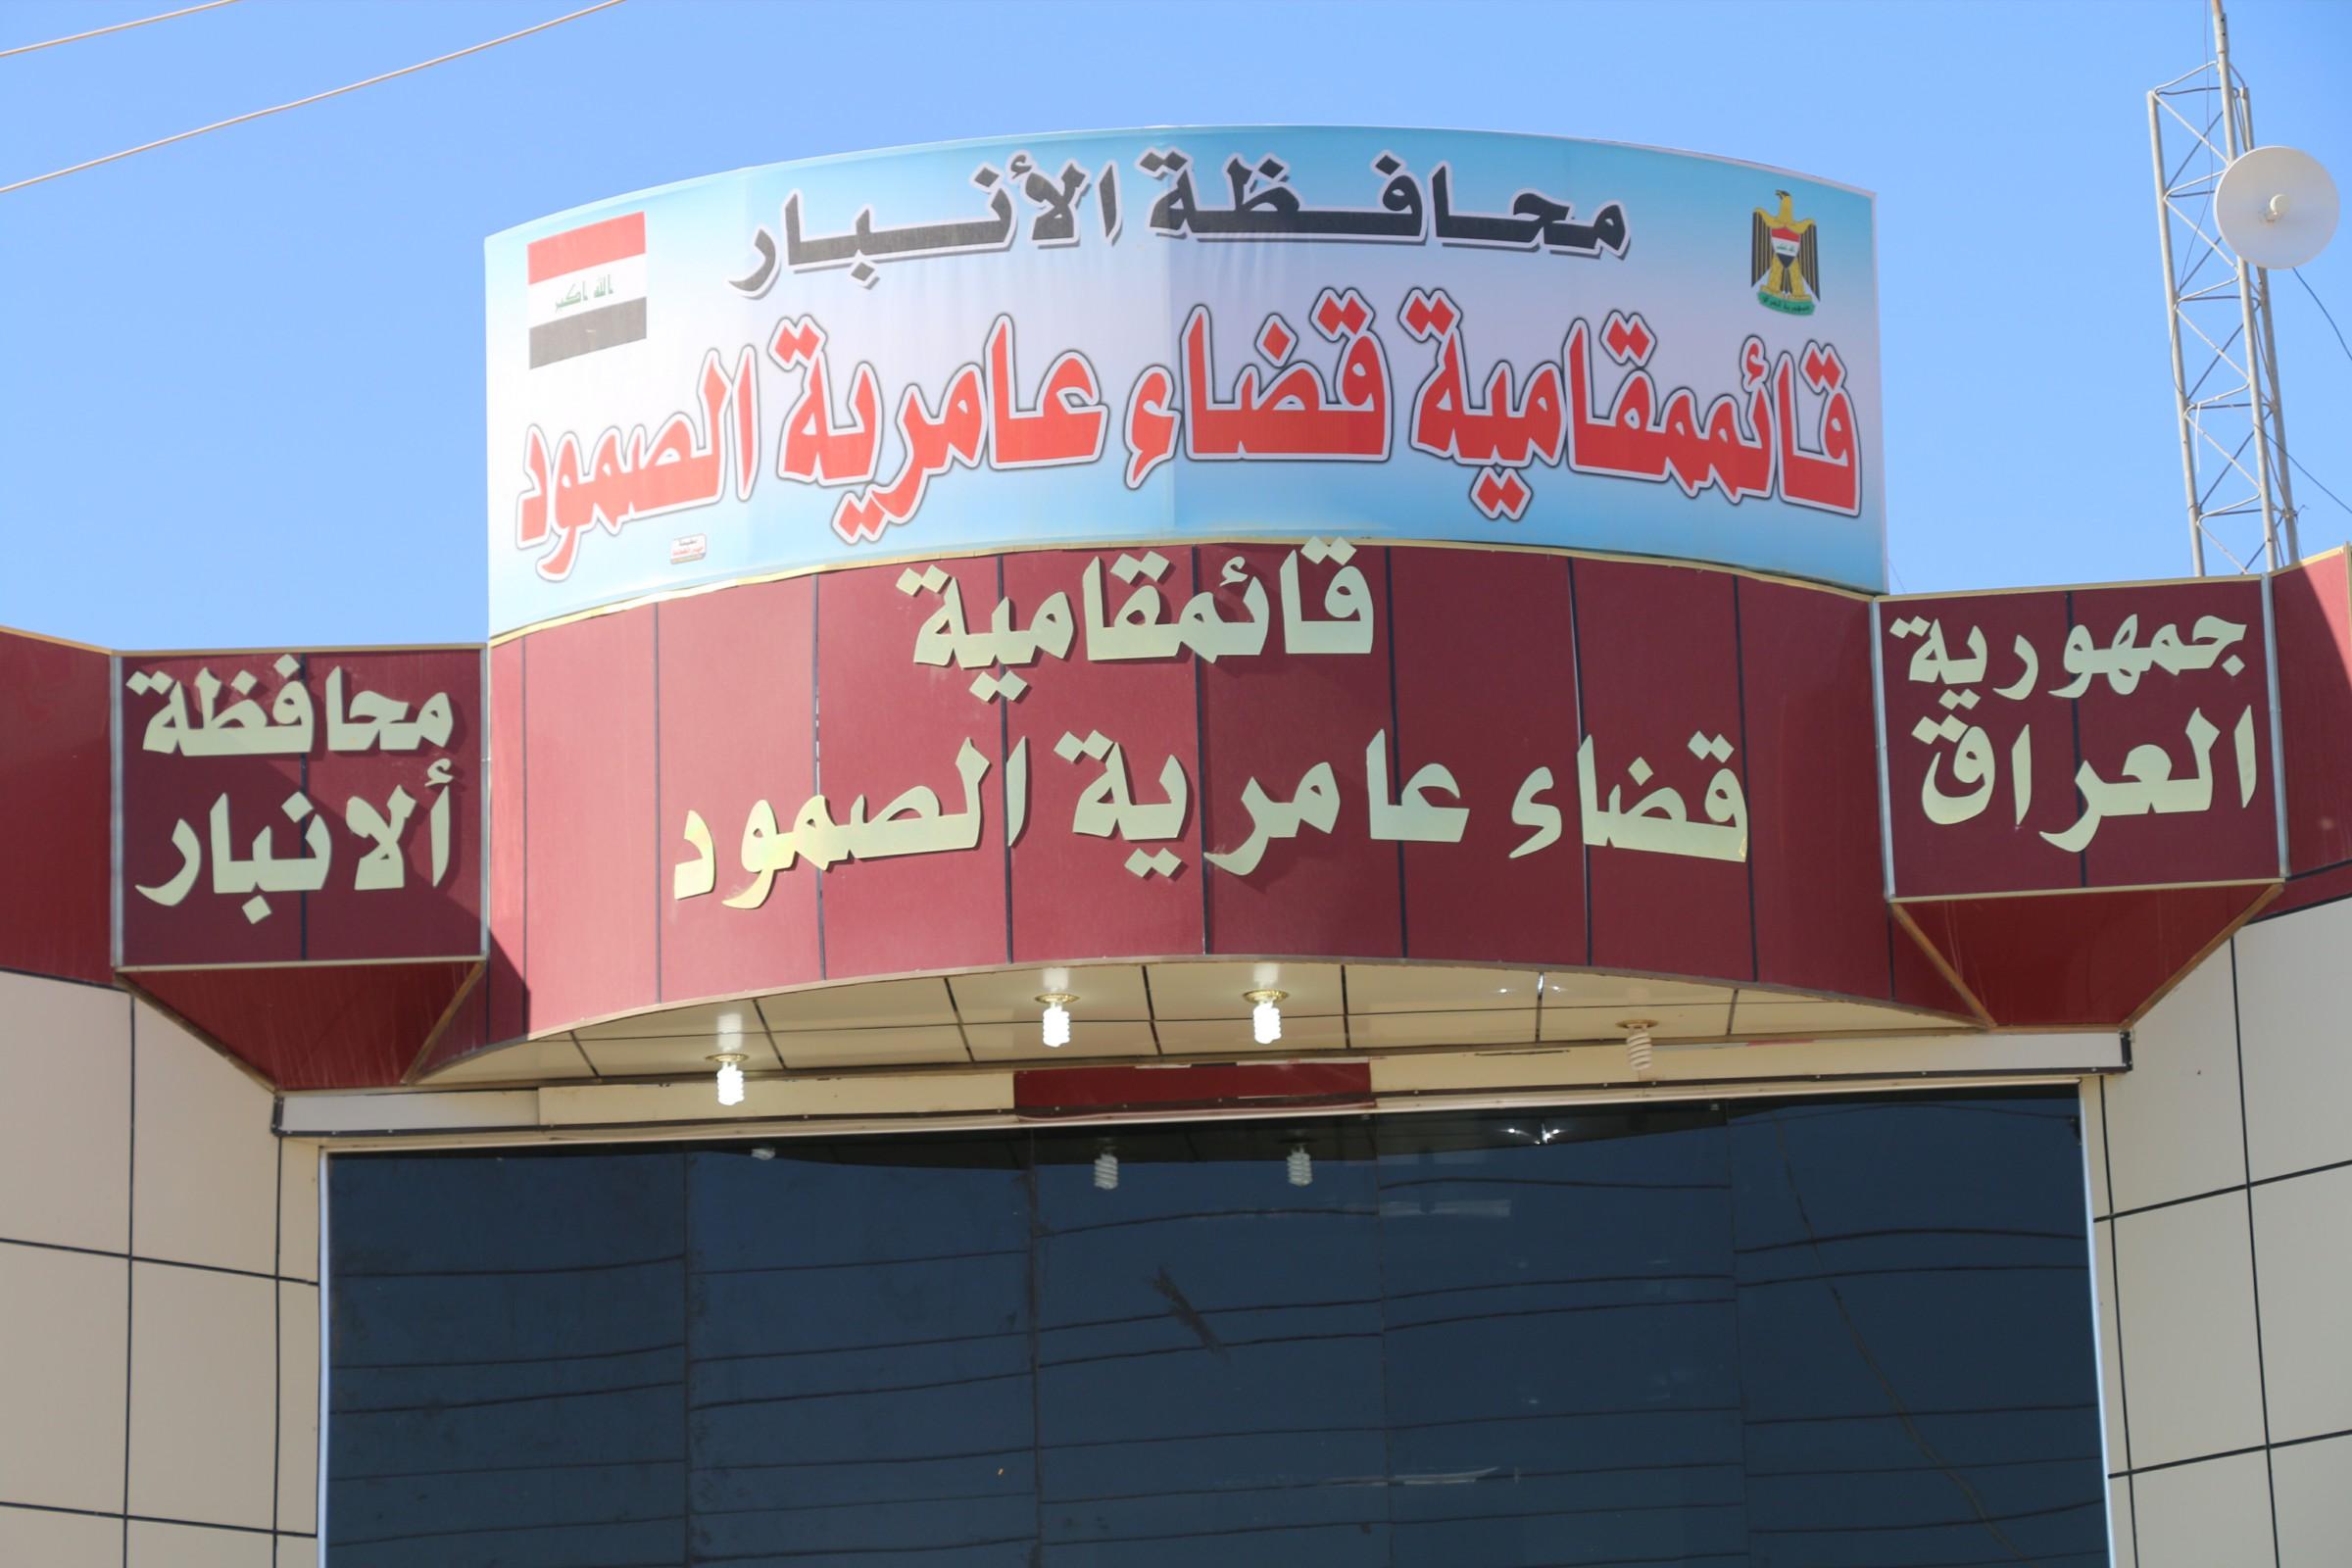 """إصابة أربعة اشخاص بانفجار عبوة من مخلفات """"داعش"""" في عامرية الفلوجة"""